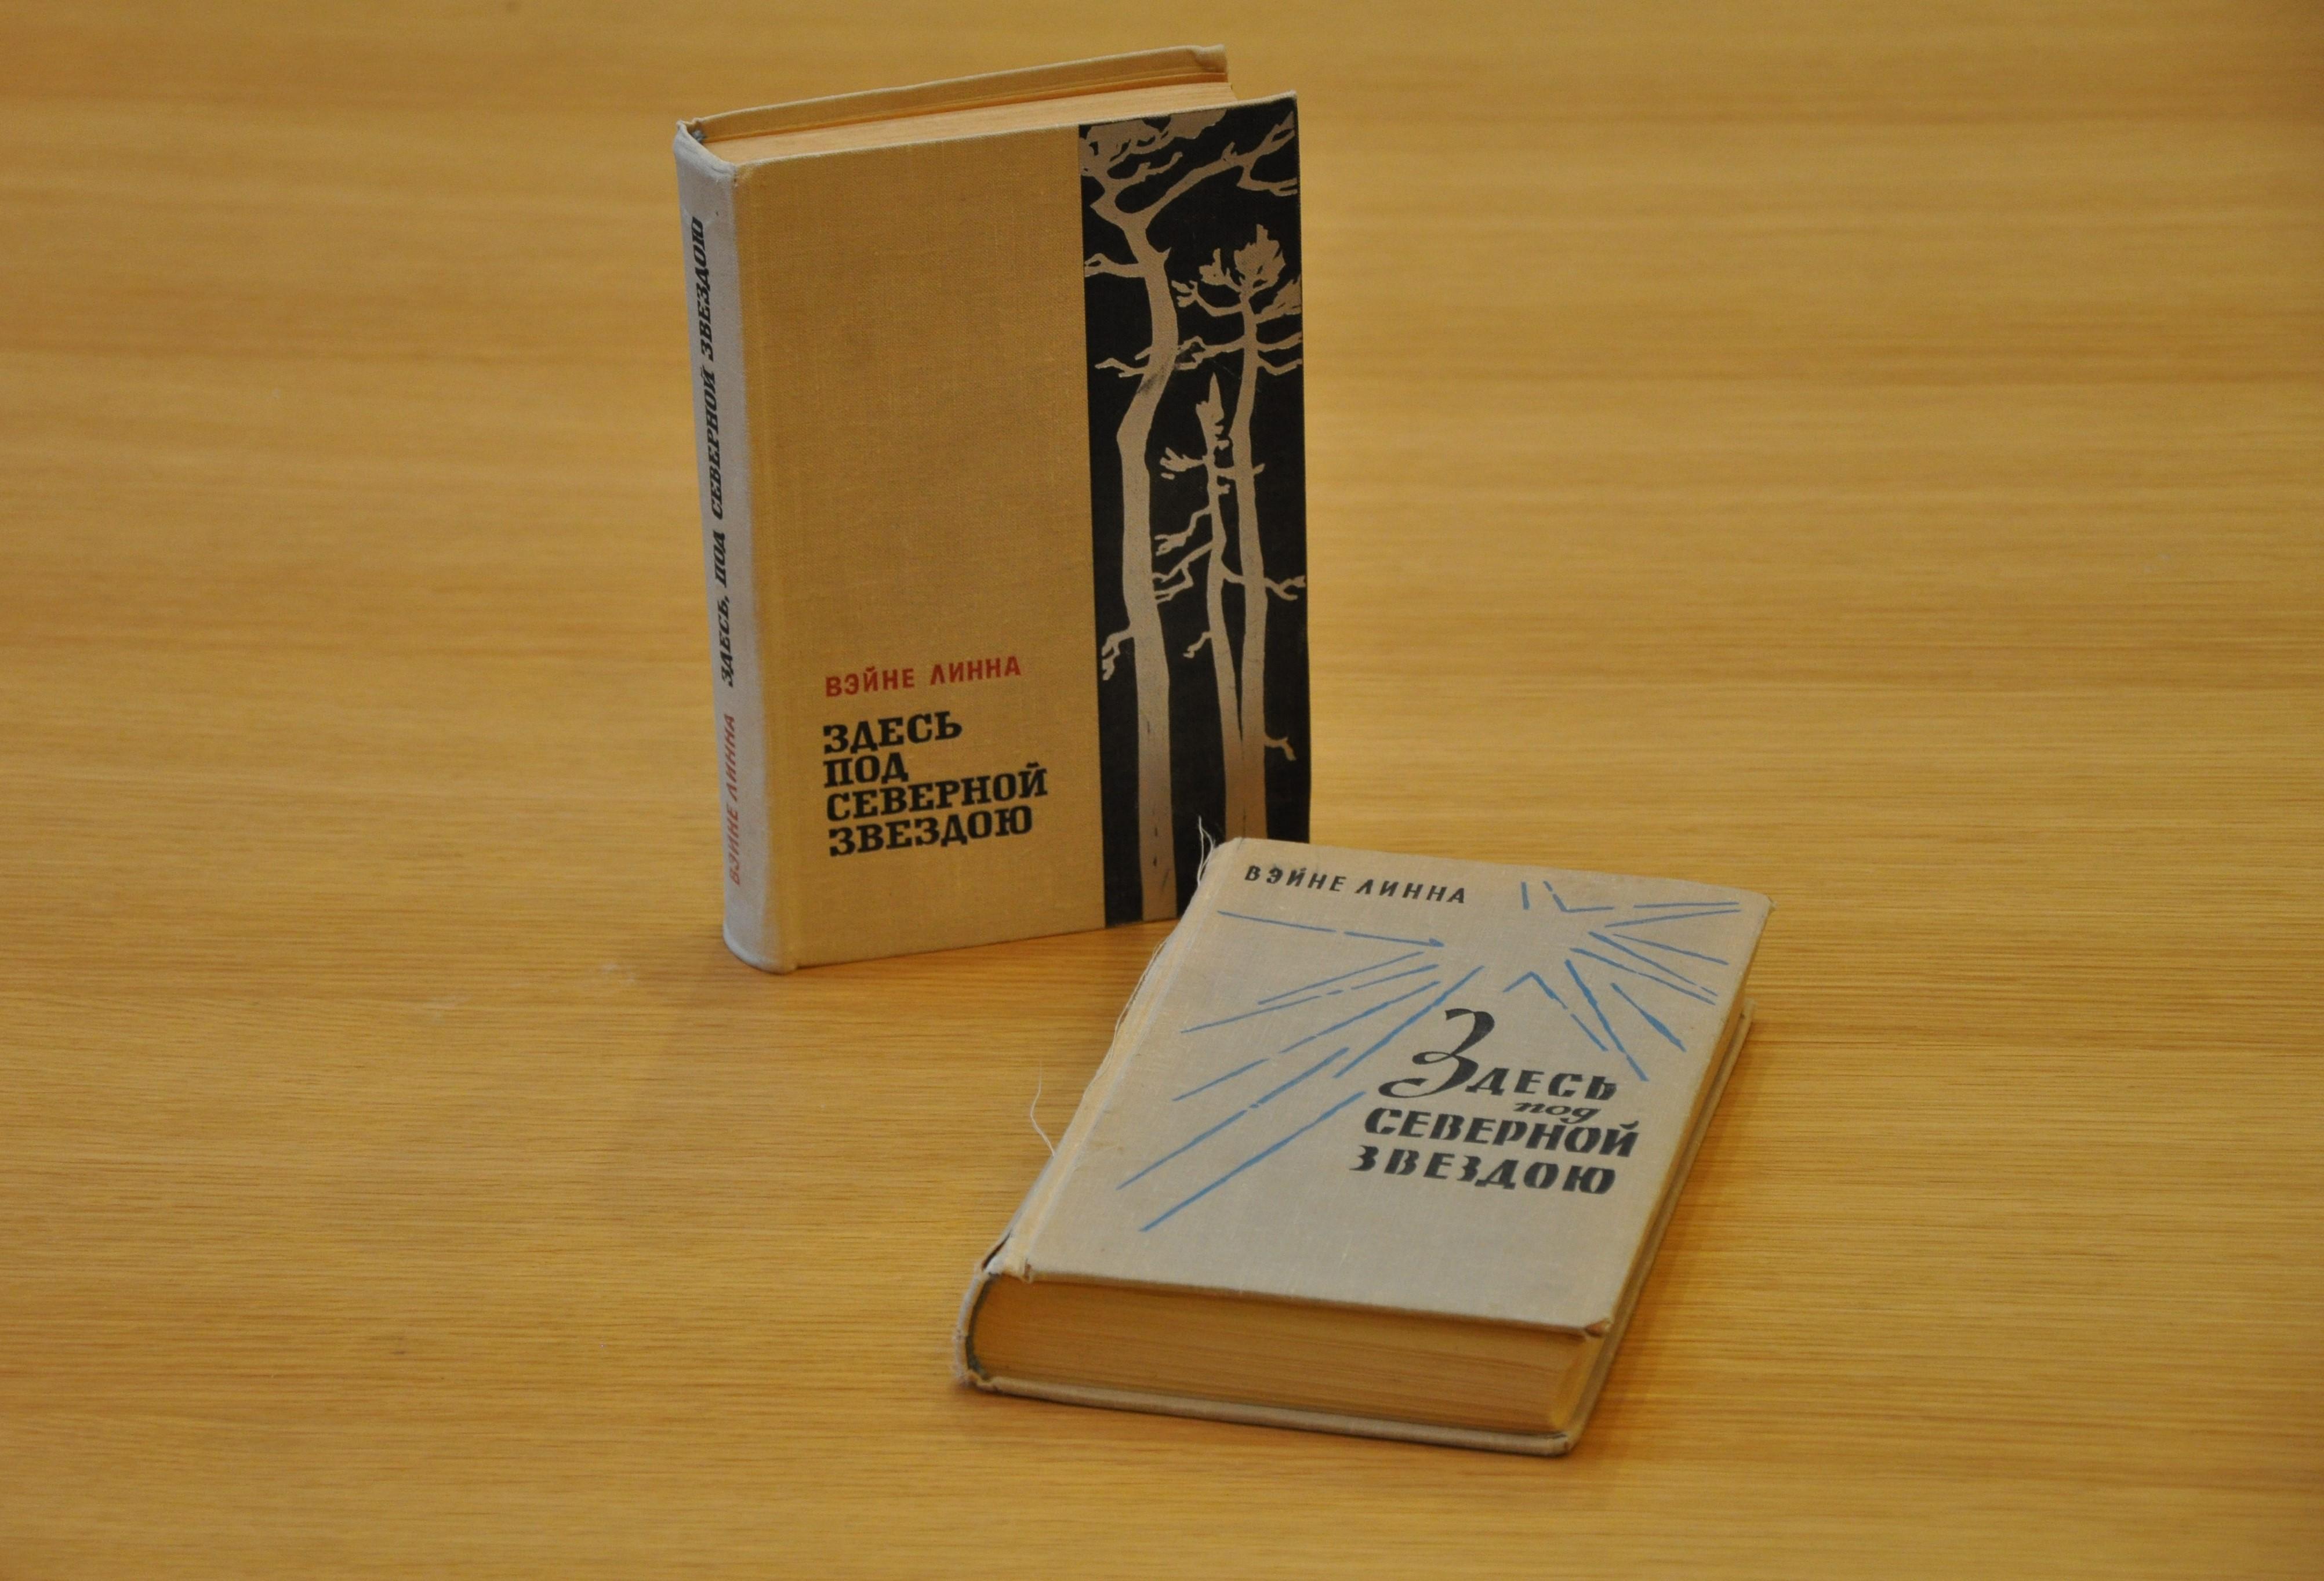 Pohjantähti-trilogian kaksi ensimmäistä osaa venäjäksi